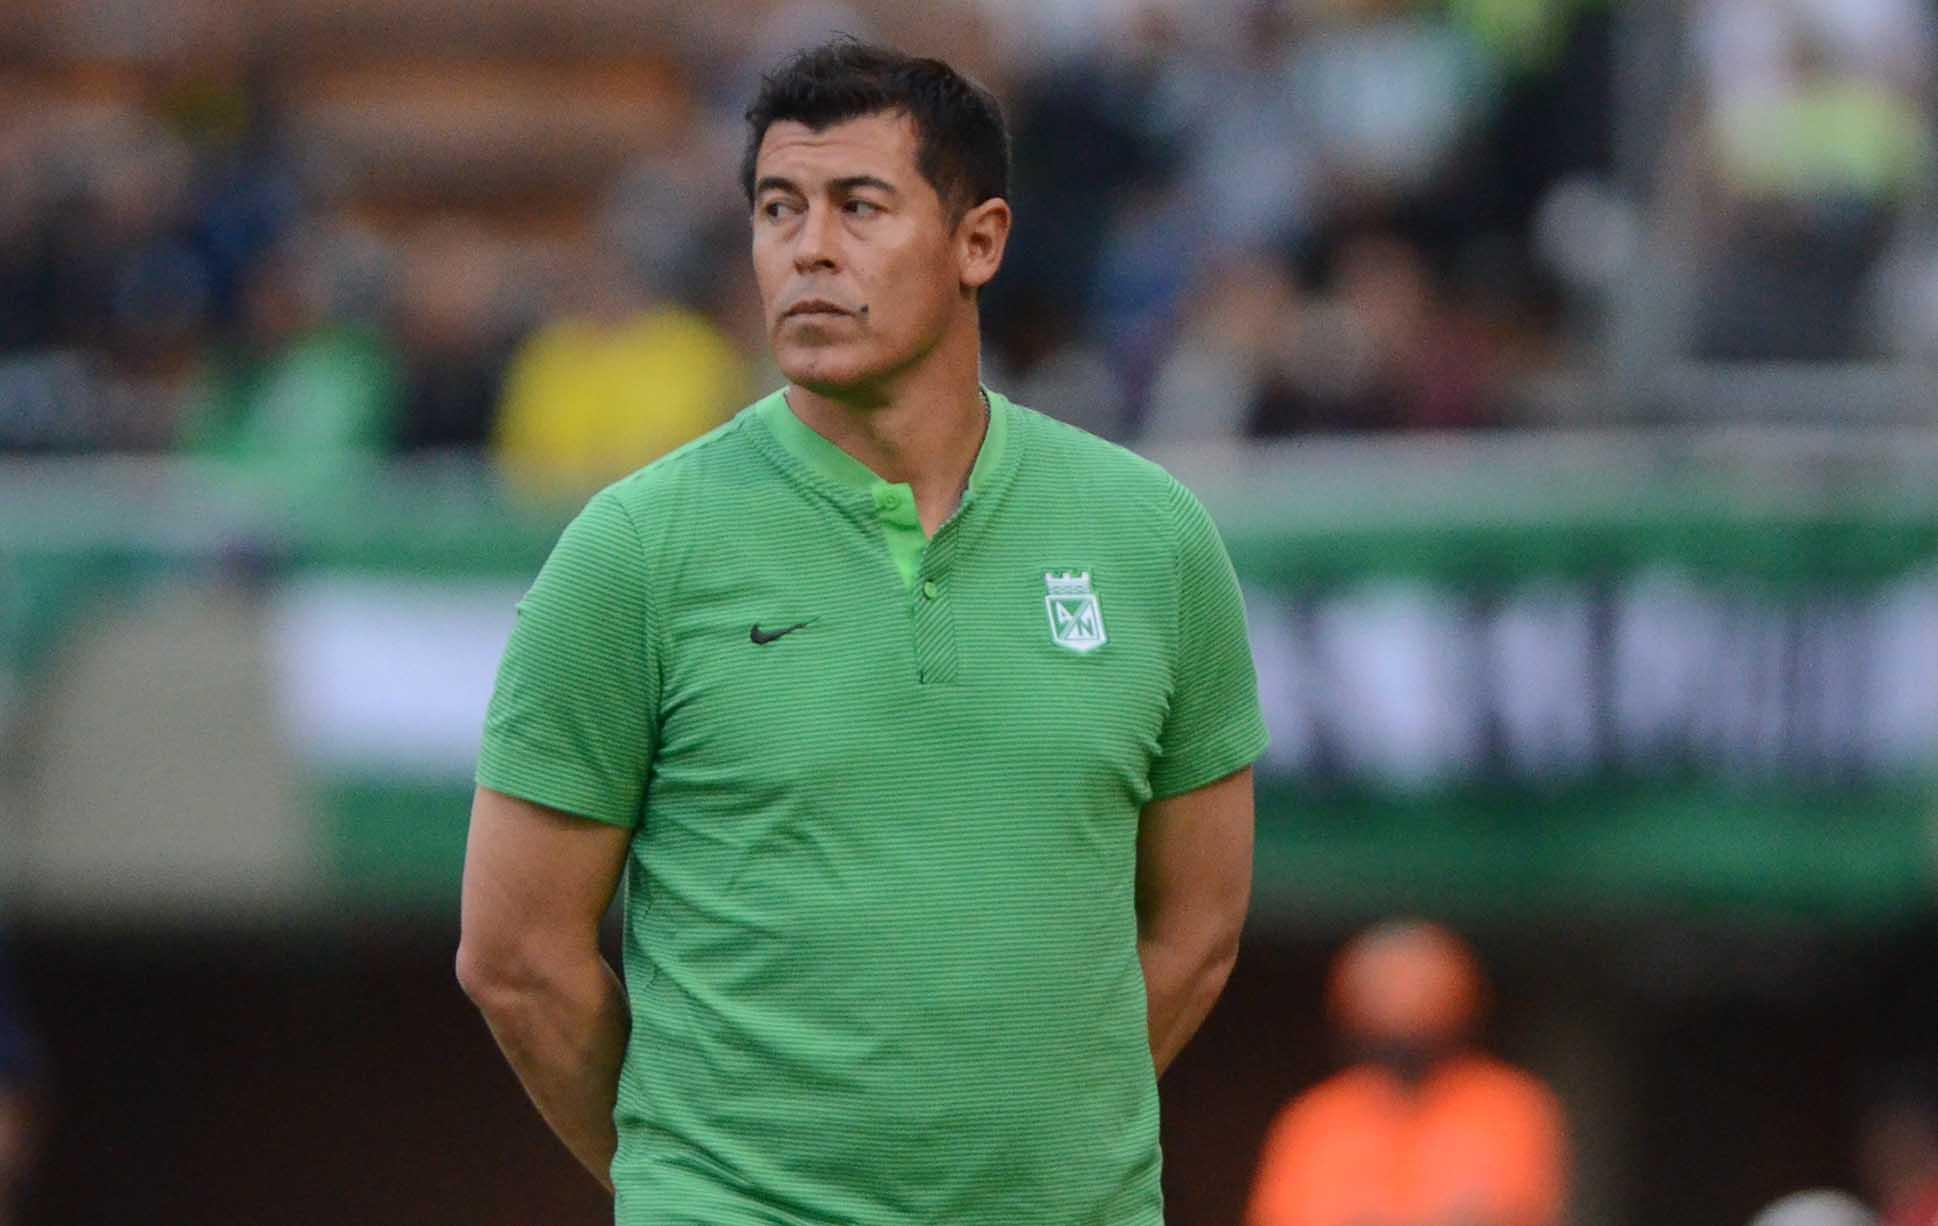 Depois de levar o Lanús para final da Libertadores, Almirón segue a linhagem de Osorio, Rueda e Lillo com time que gosta de propor.